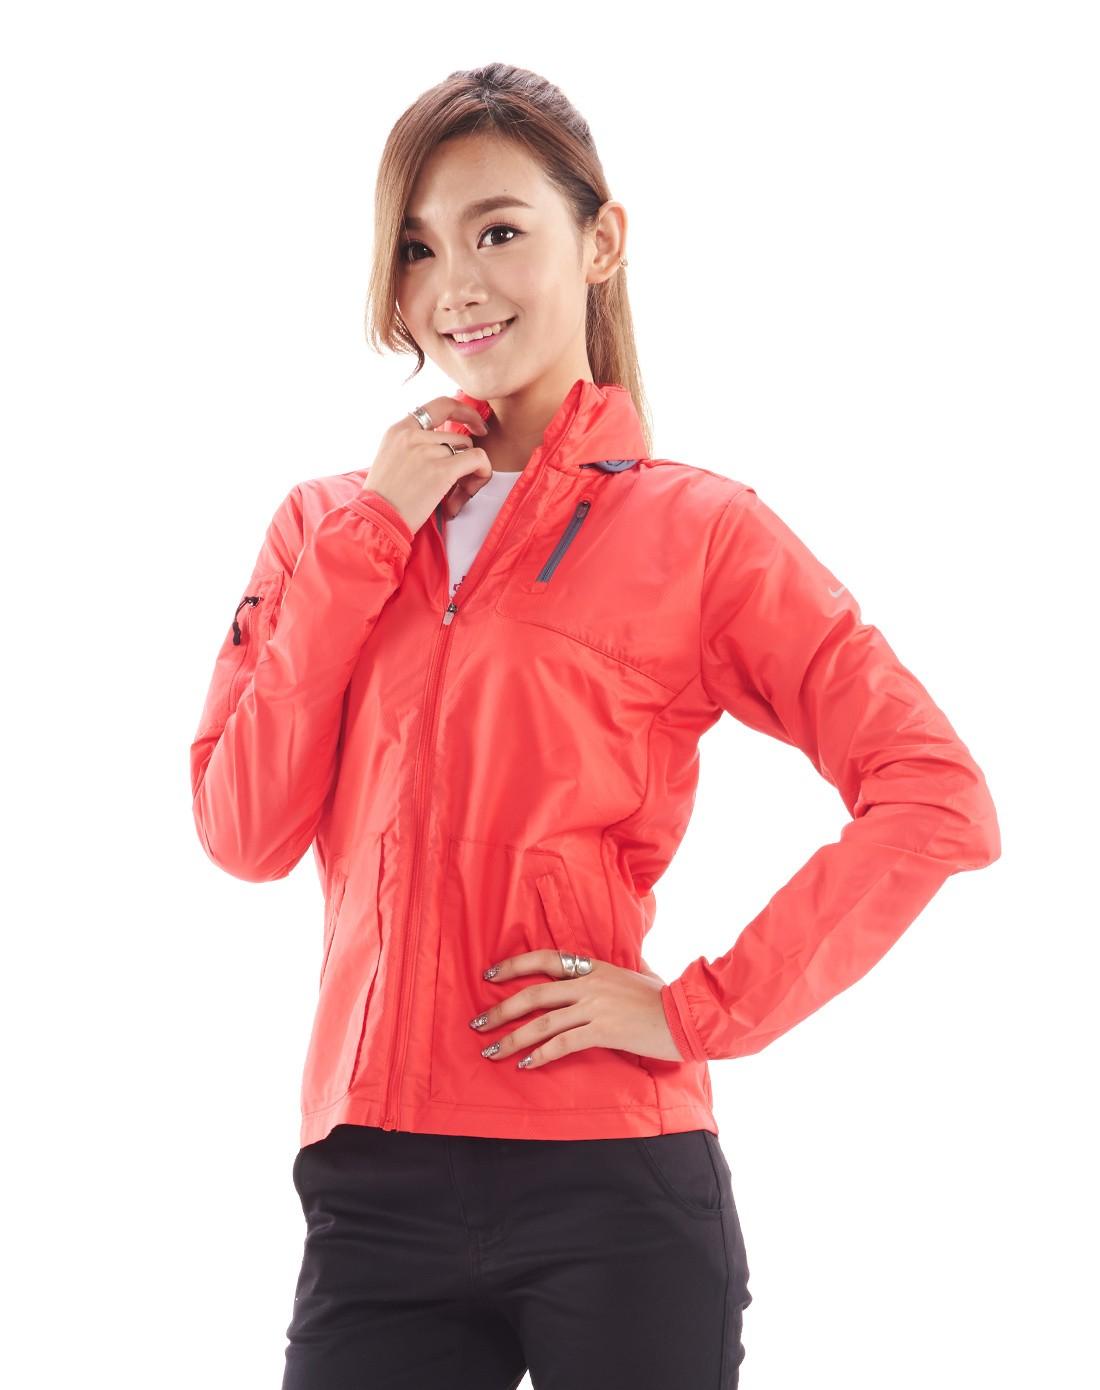 服装 运动衣 1100_1390 竖版 竖屏